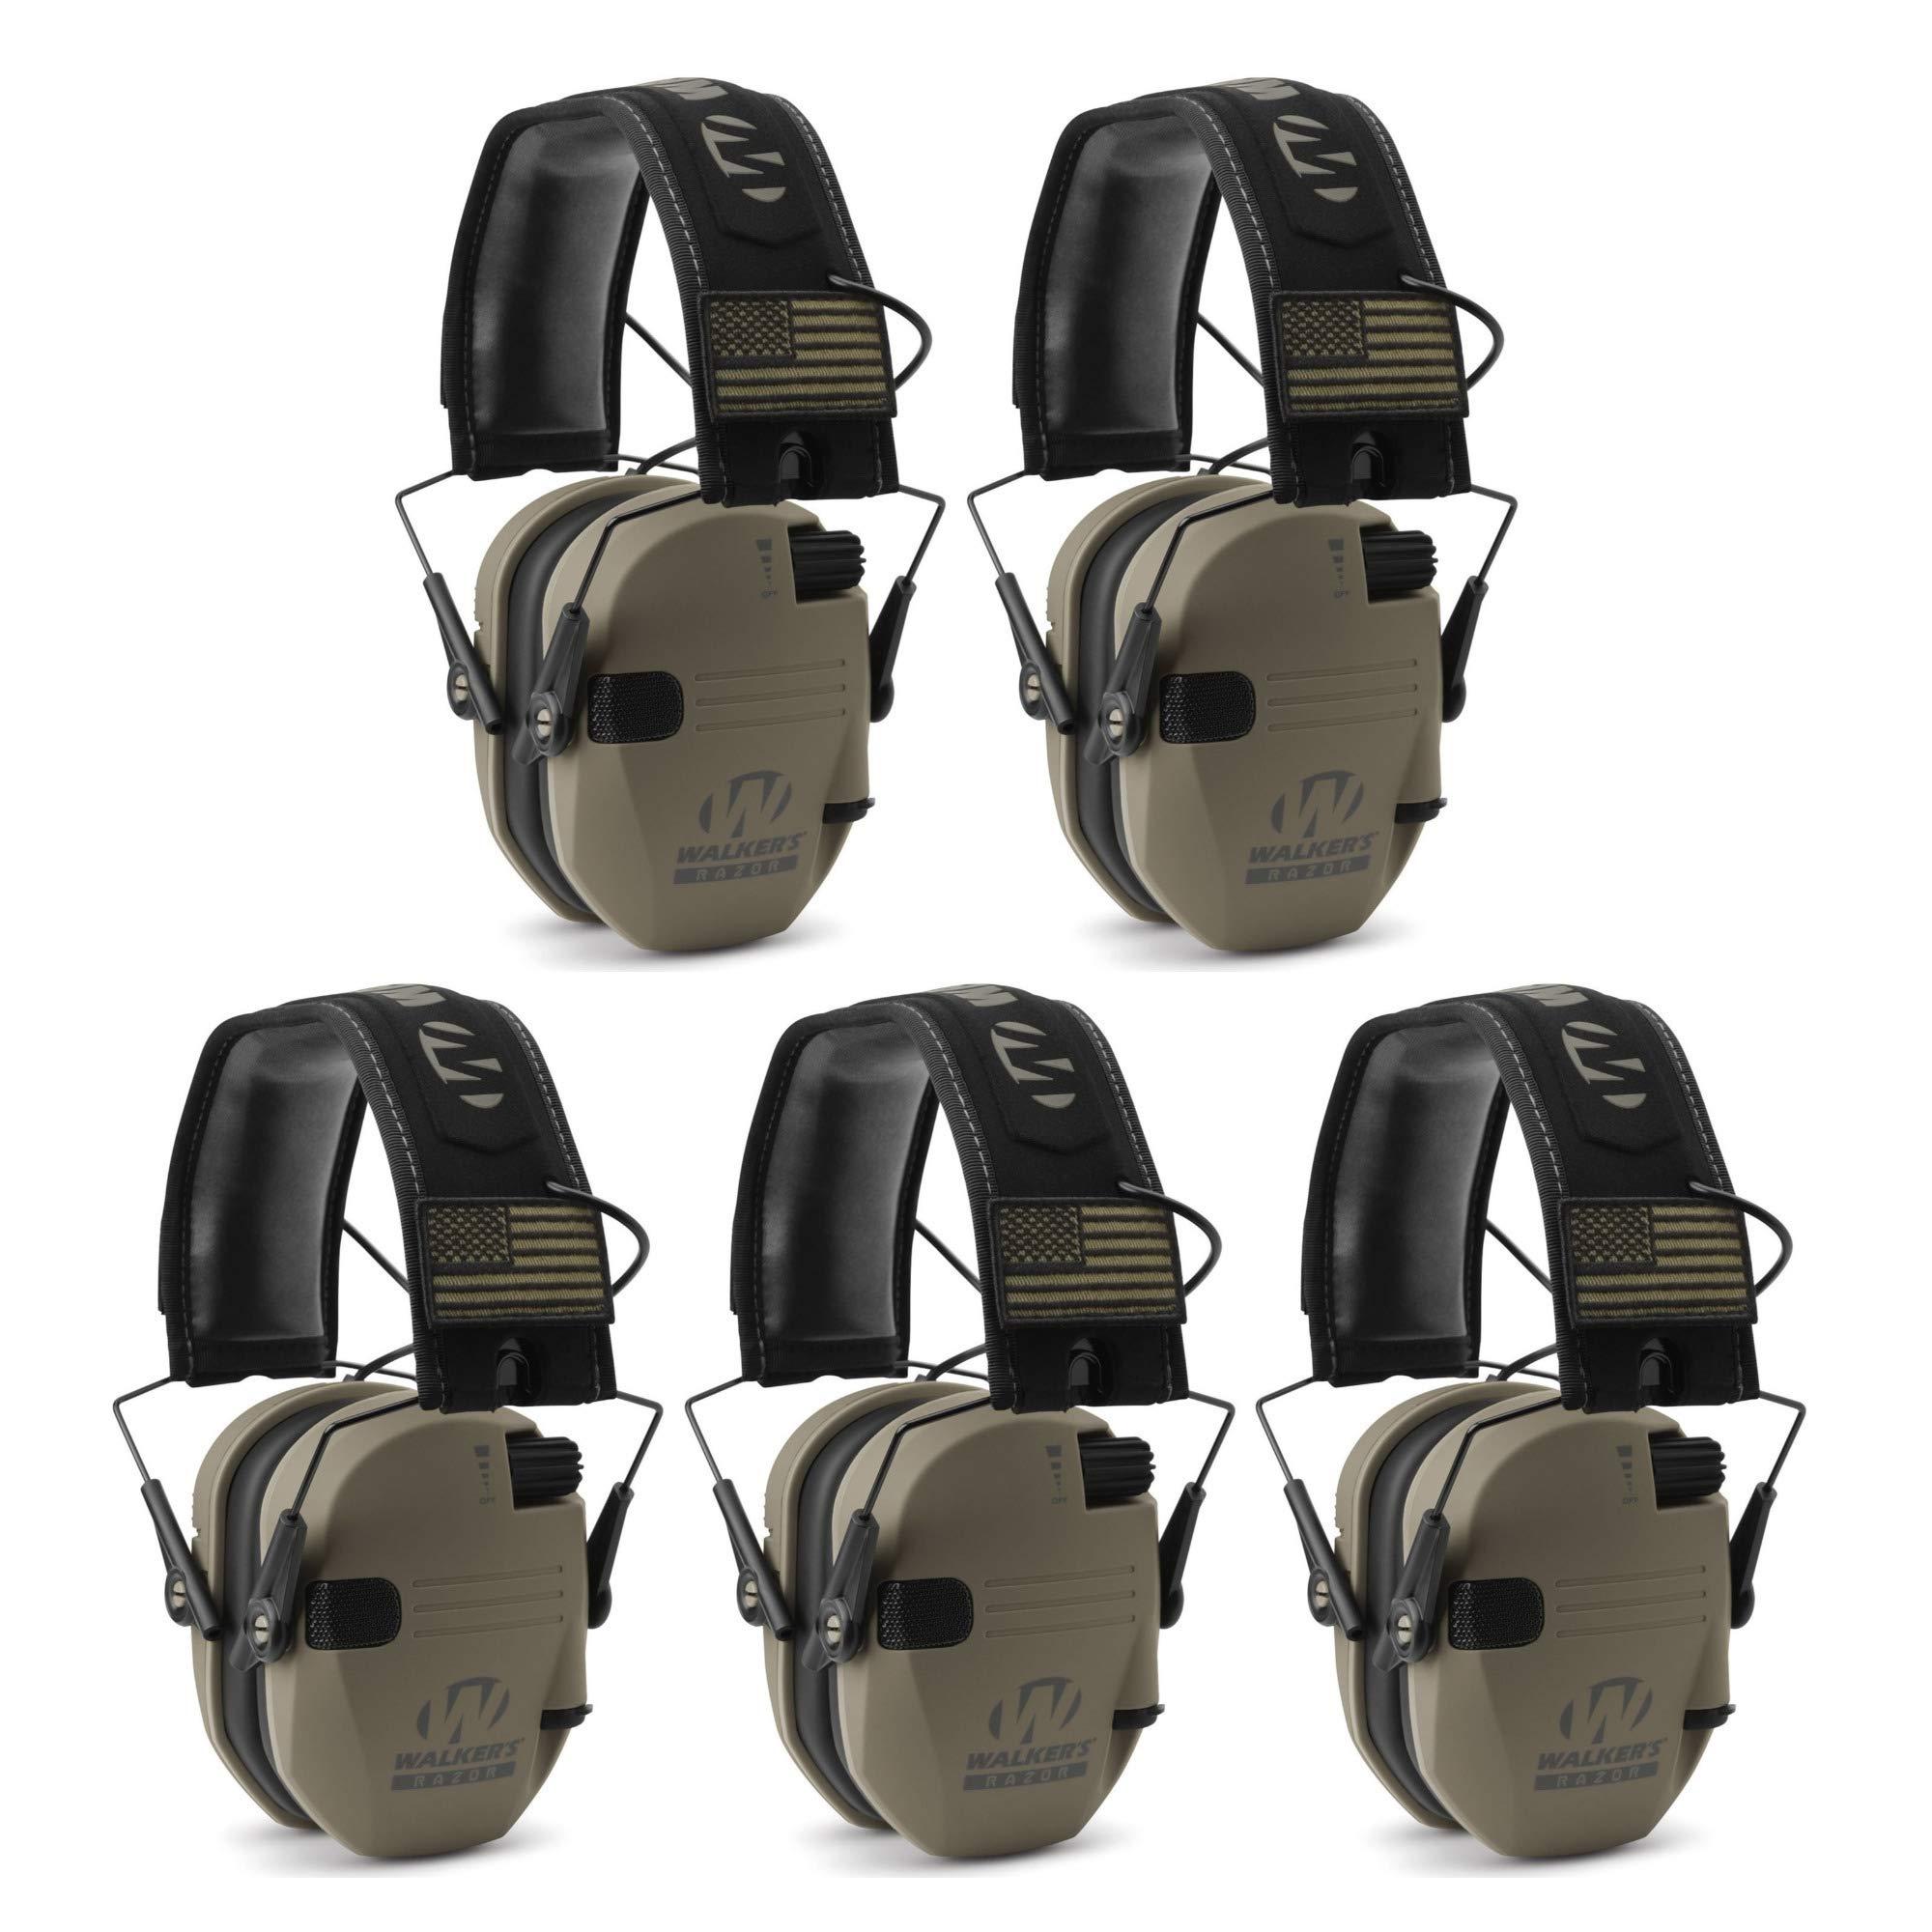 Walker039;s Razor Slim Electronic Shooting Muffs 5-Pack, Flat Dark Earth FDE (5 Items) by Walker's Game Ear